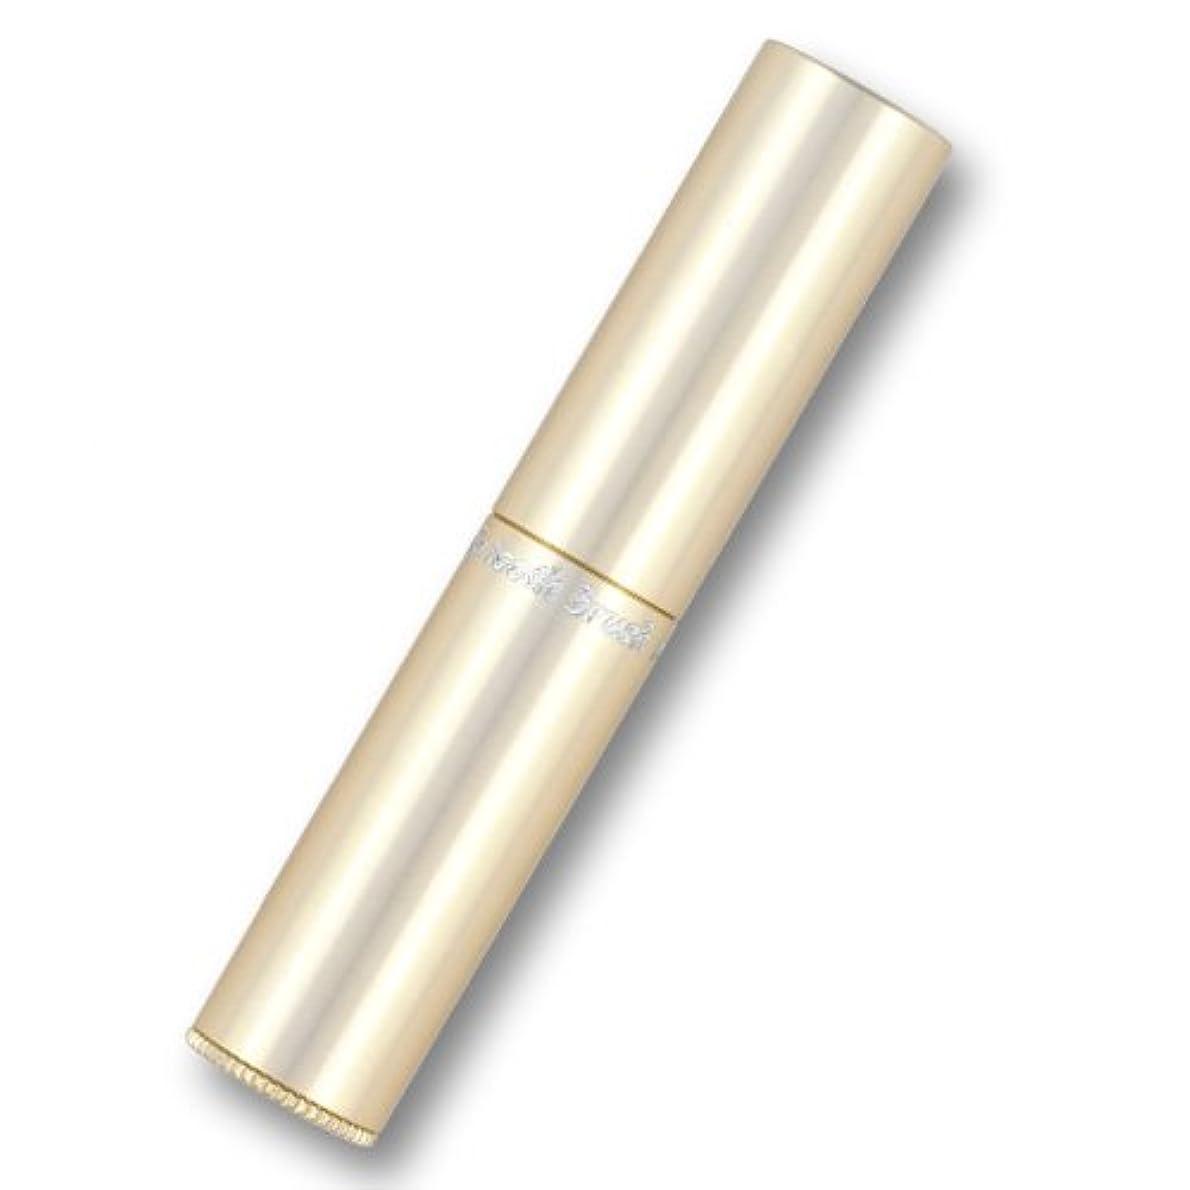 日常的にあいさつブランド携帯歯ブラシ?タベタラmigaCO(シャンパンゴールド)